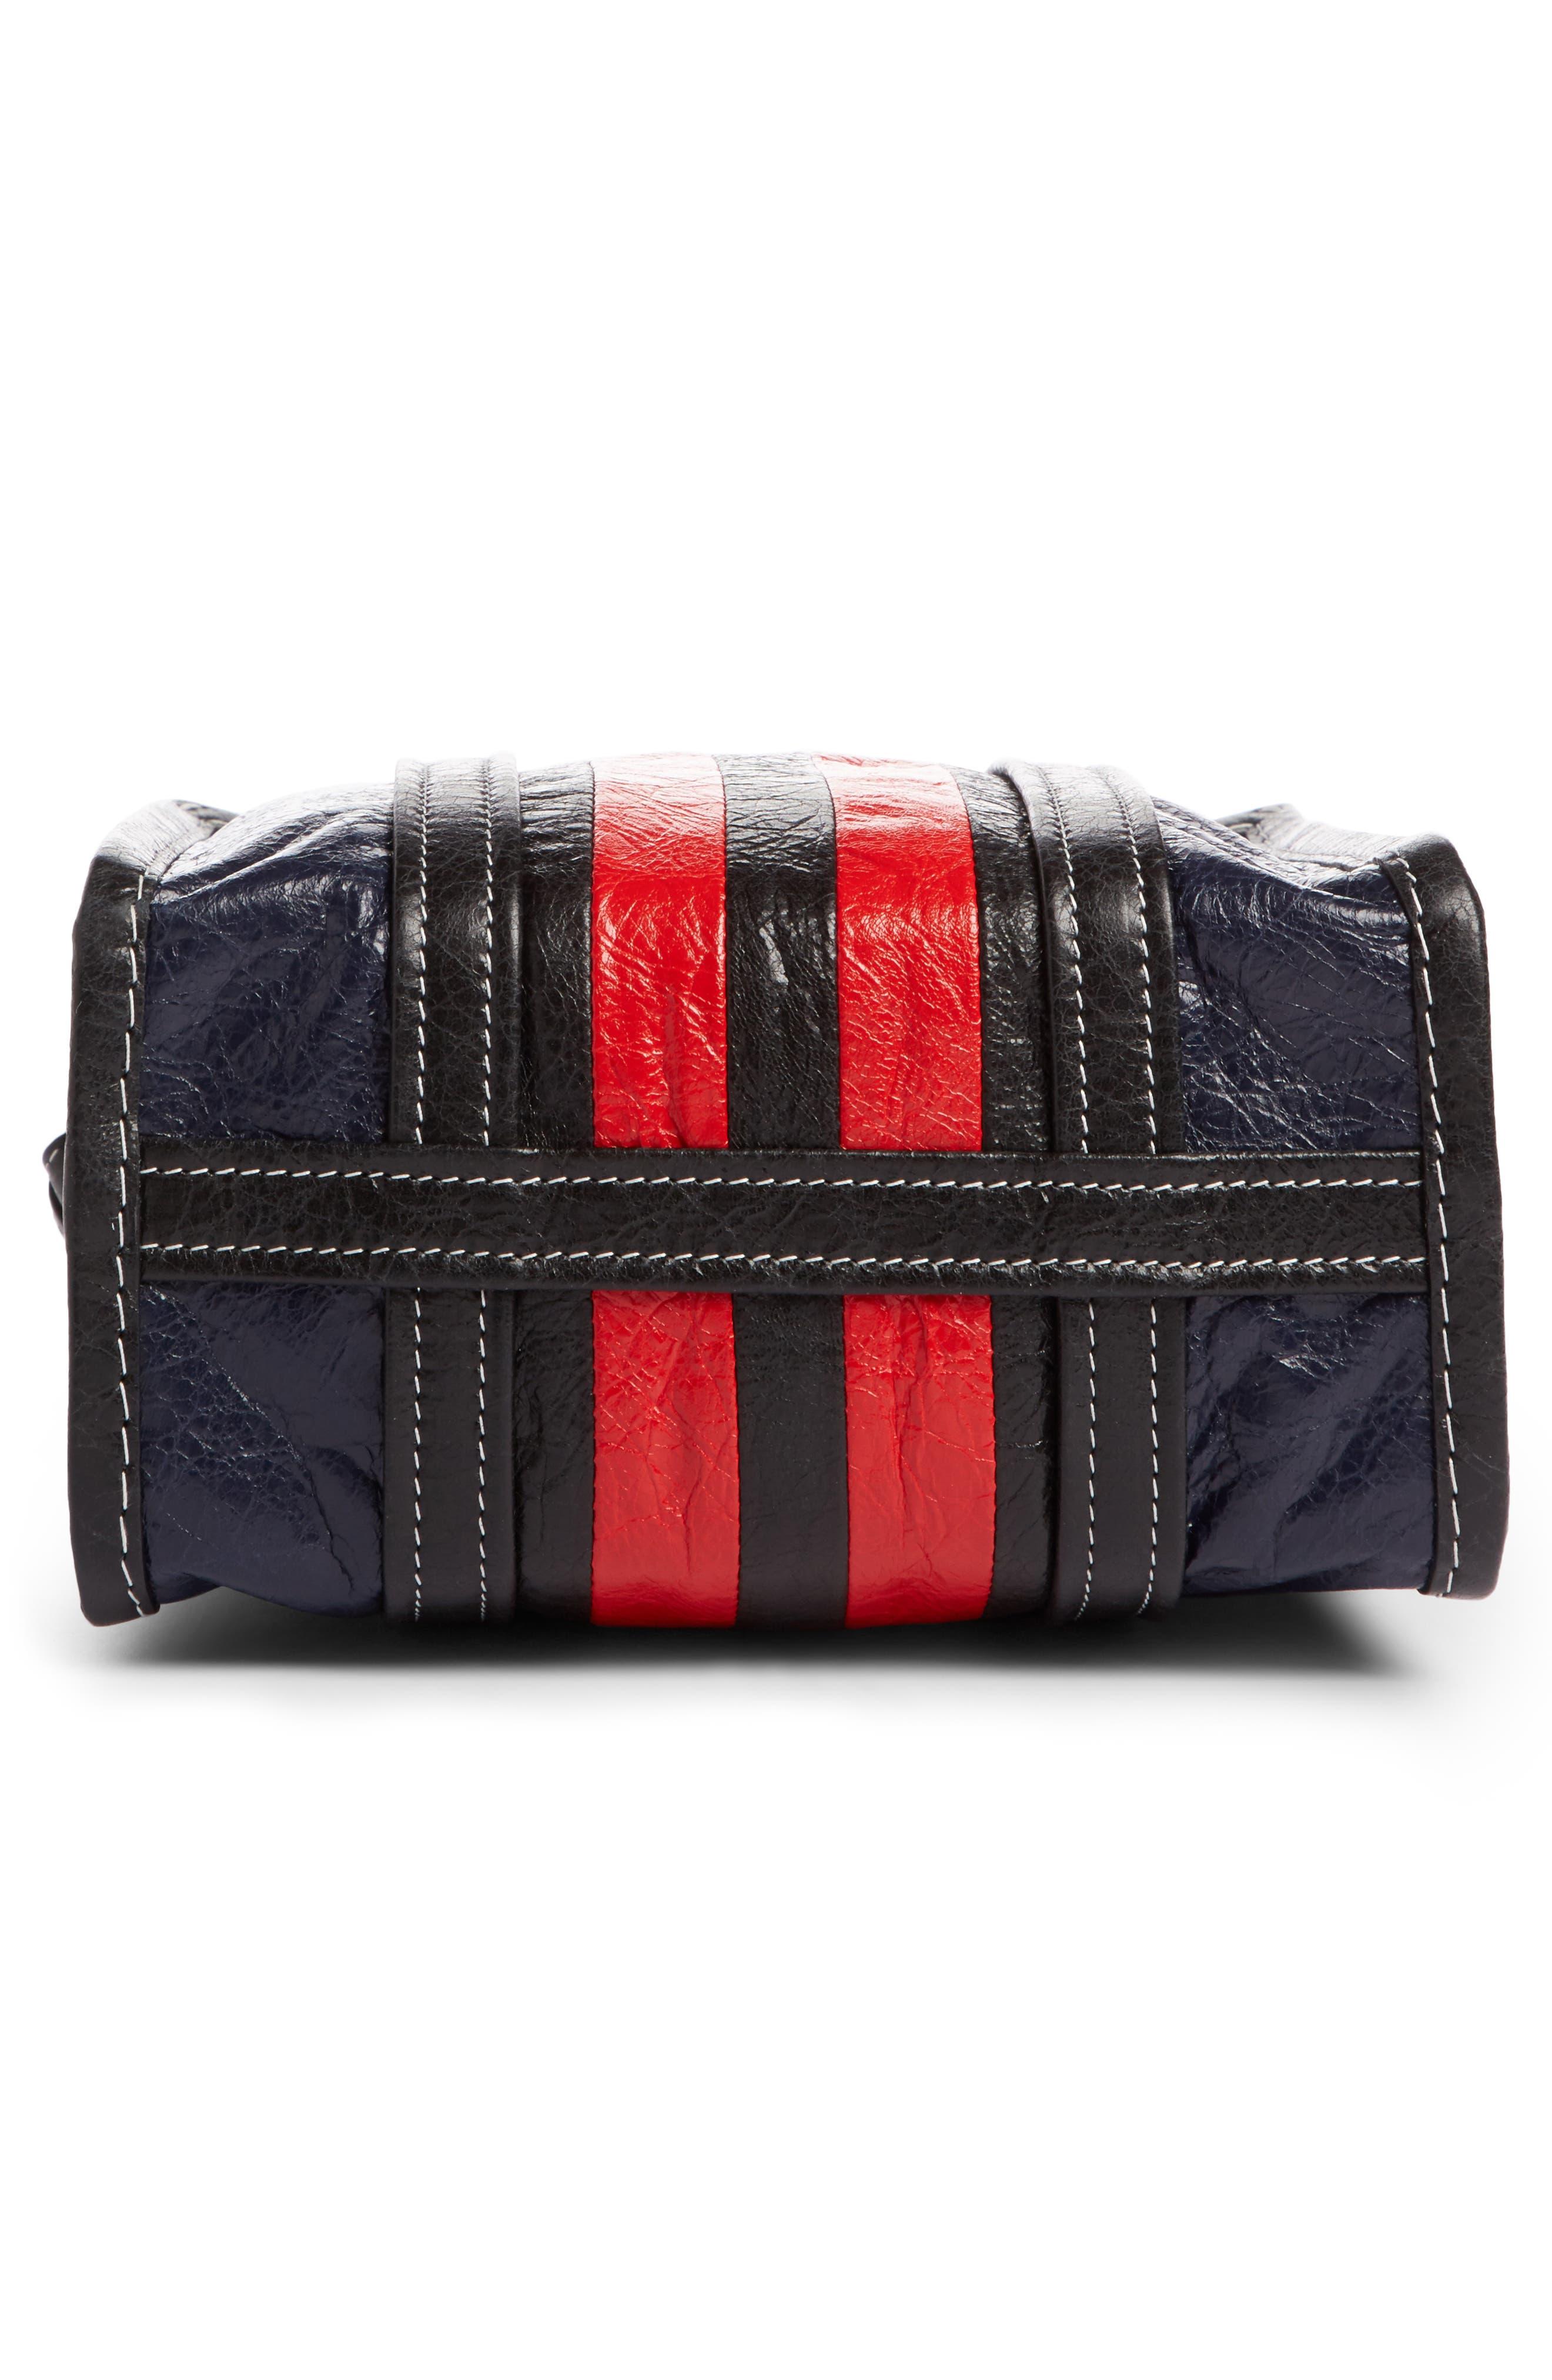 Small Bazar Leather Shopper,                             Alternate thumbnail 4, color,                             Bleu Mar/ Rouge/ Noir